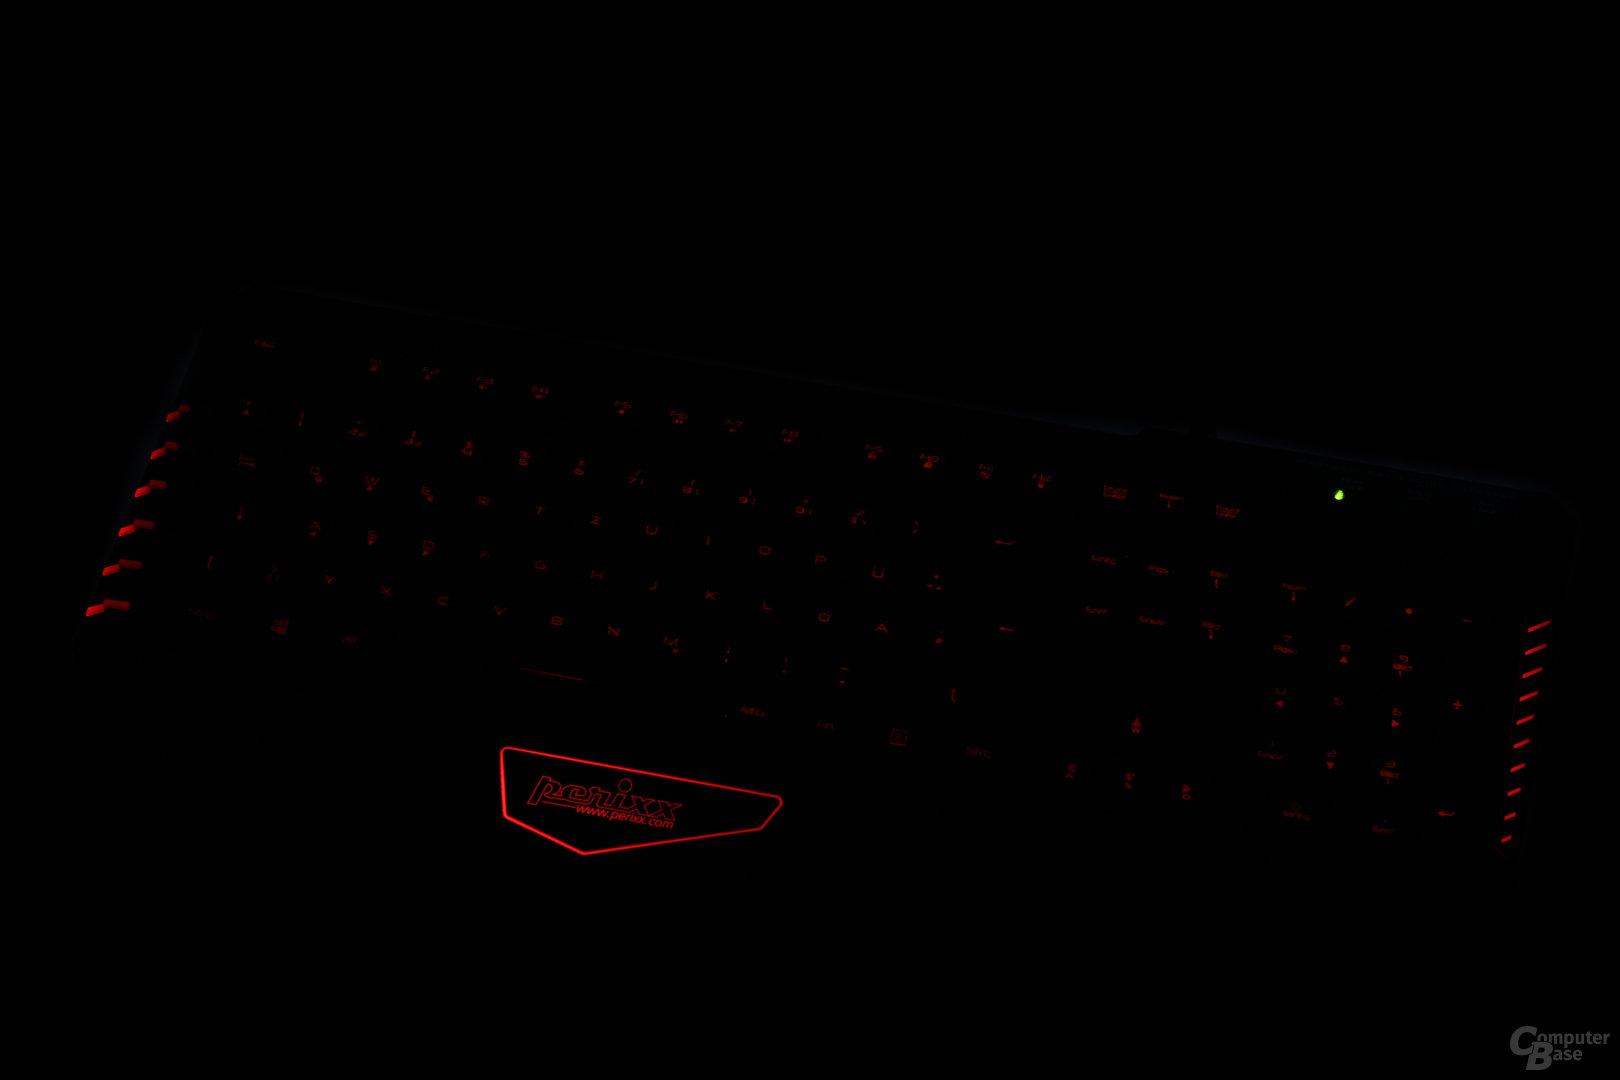 Rot ist hingegen merklich dunkler